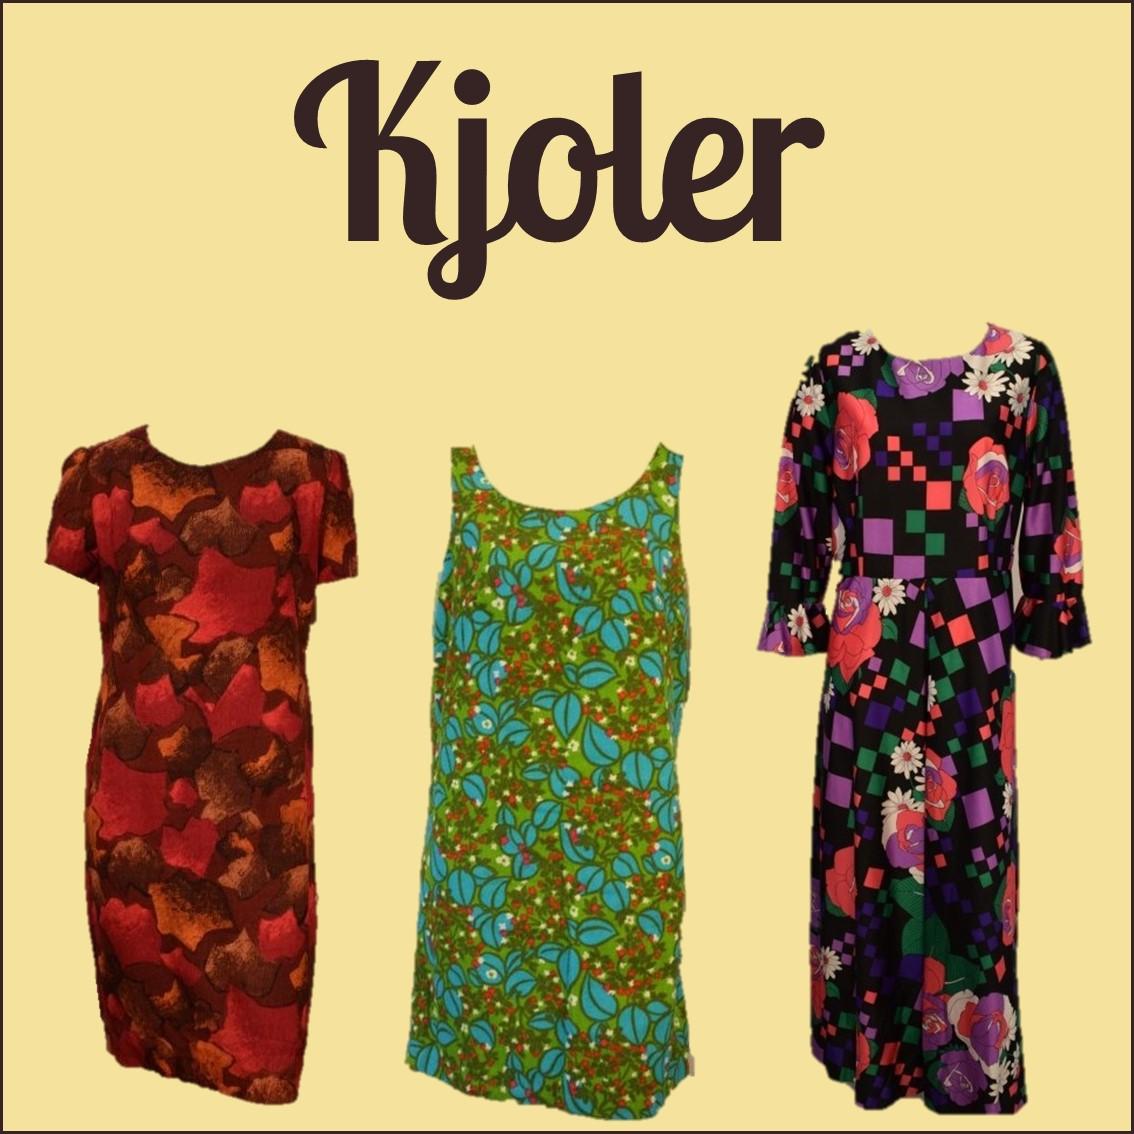 6f3f43fc7e43 Stort online udvalg af vintage kjoler